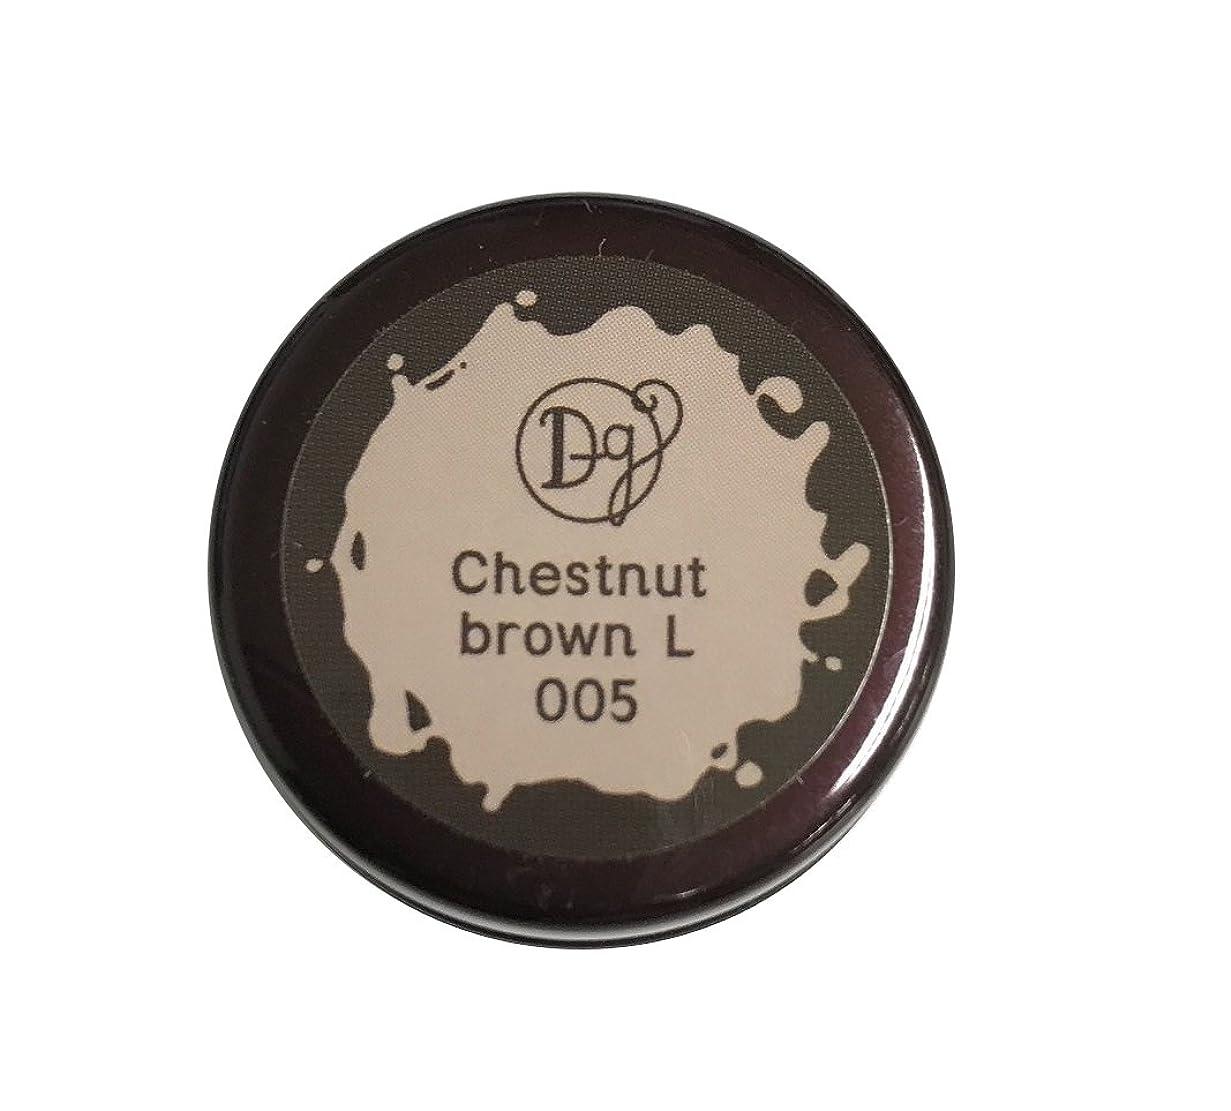 変形する論理的に装置デコラガール カラージェル 005 チェスナットブラウンライト 3g